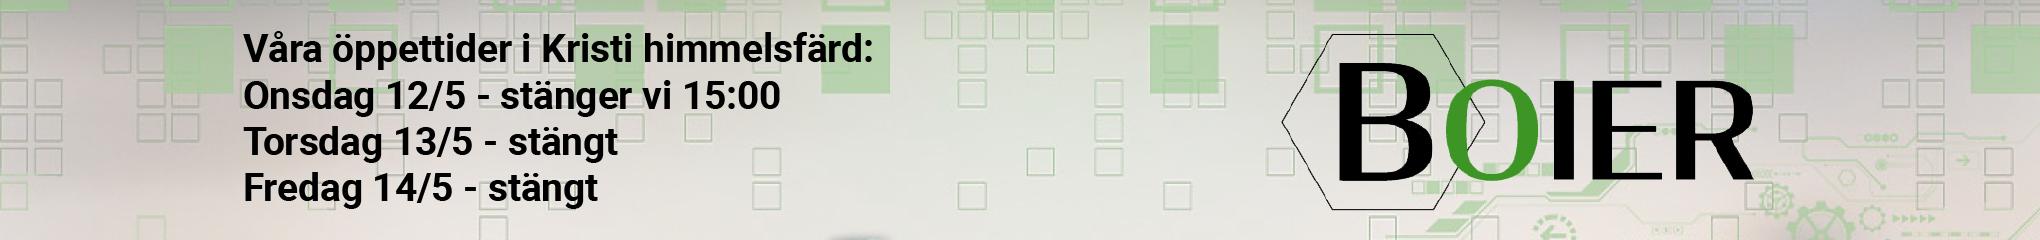 slider-image-https://boier.testavendre.se/image/7568/slider-kristi-himmelsfard.png